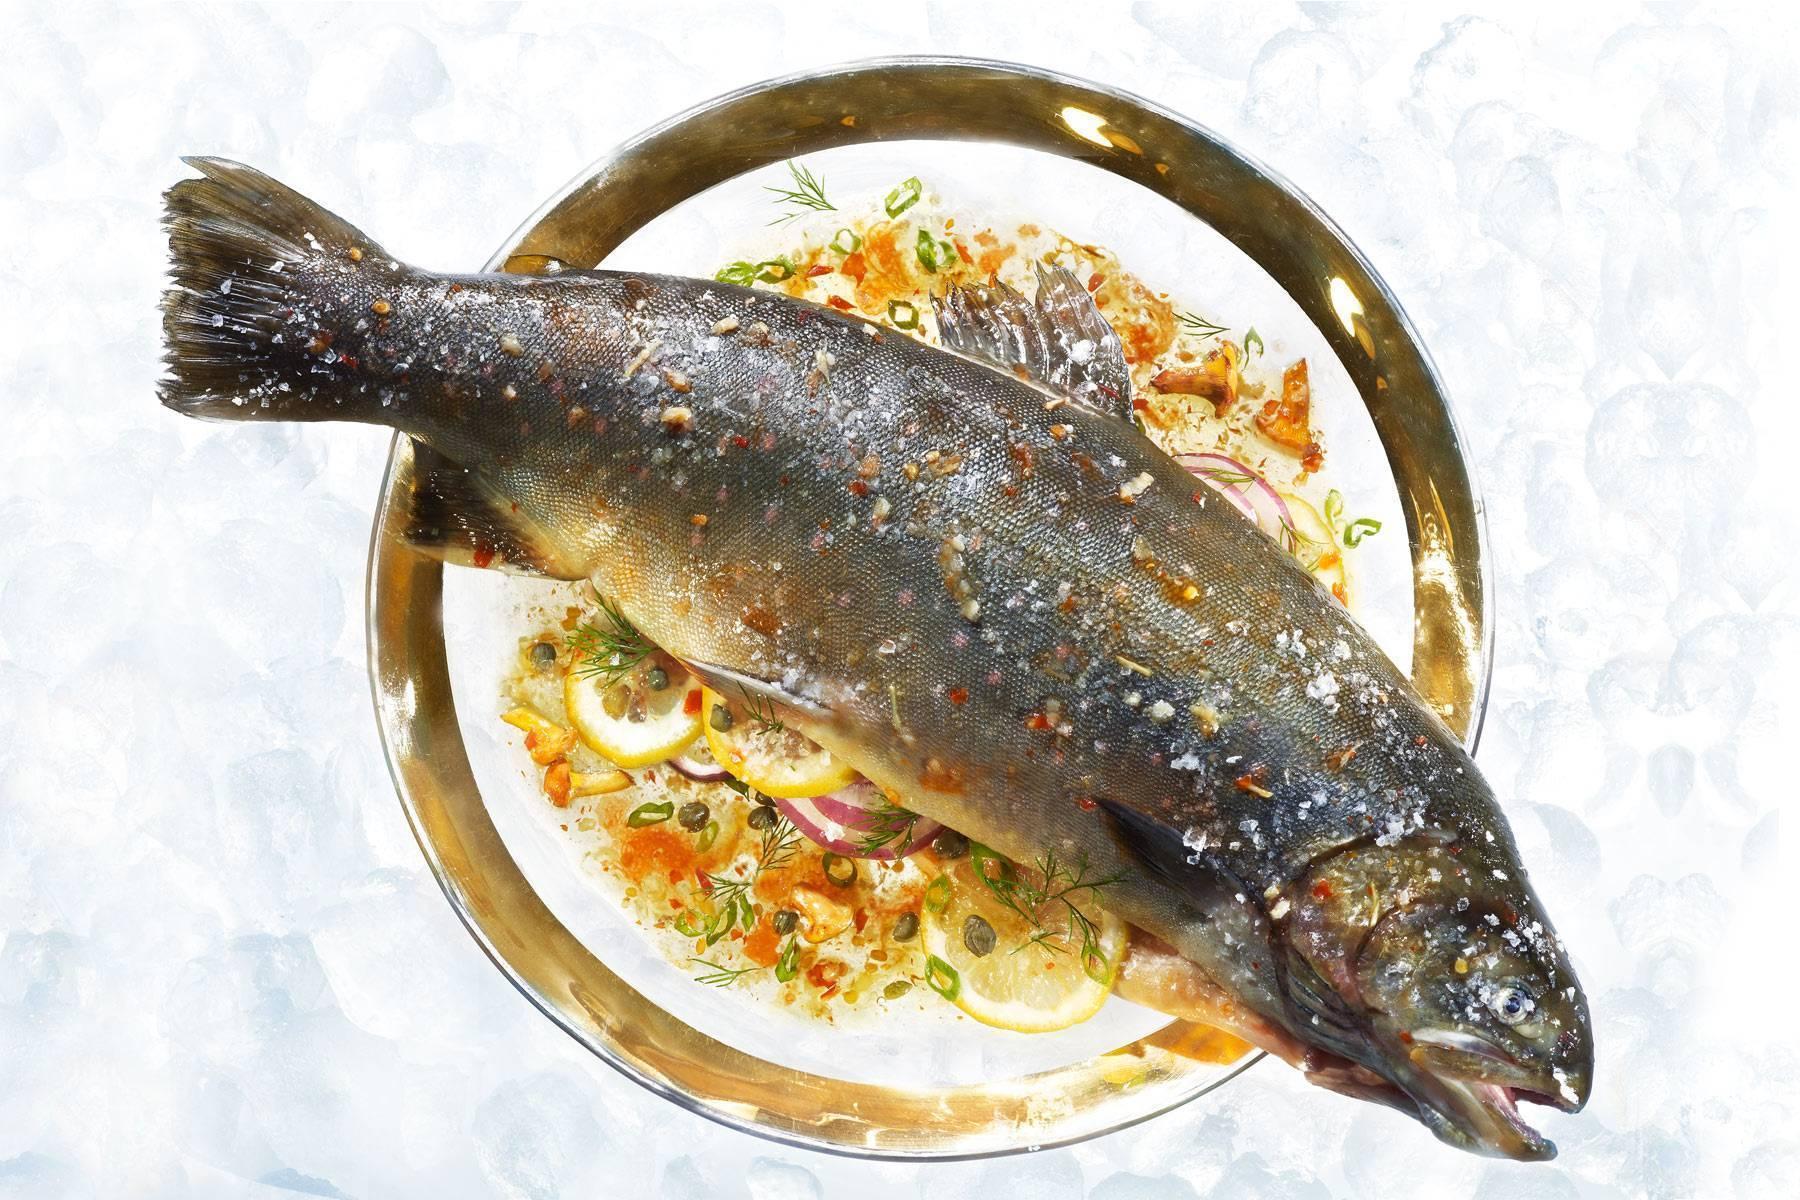 Рецепты приготовления рыбы голец, как вкусно приготовить в духовке